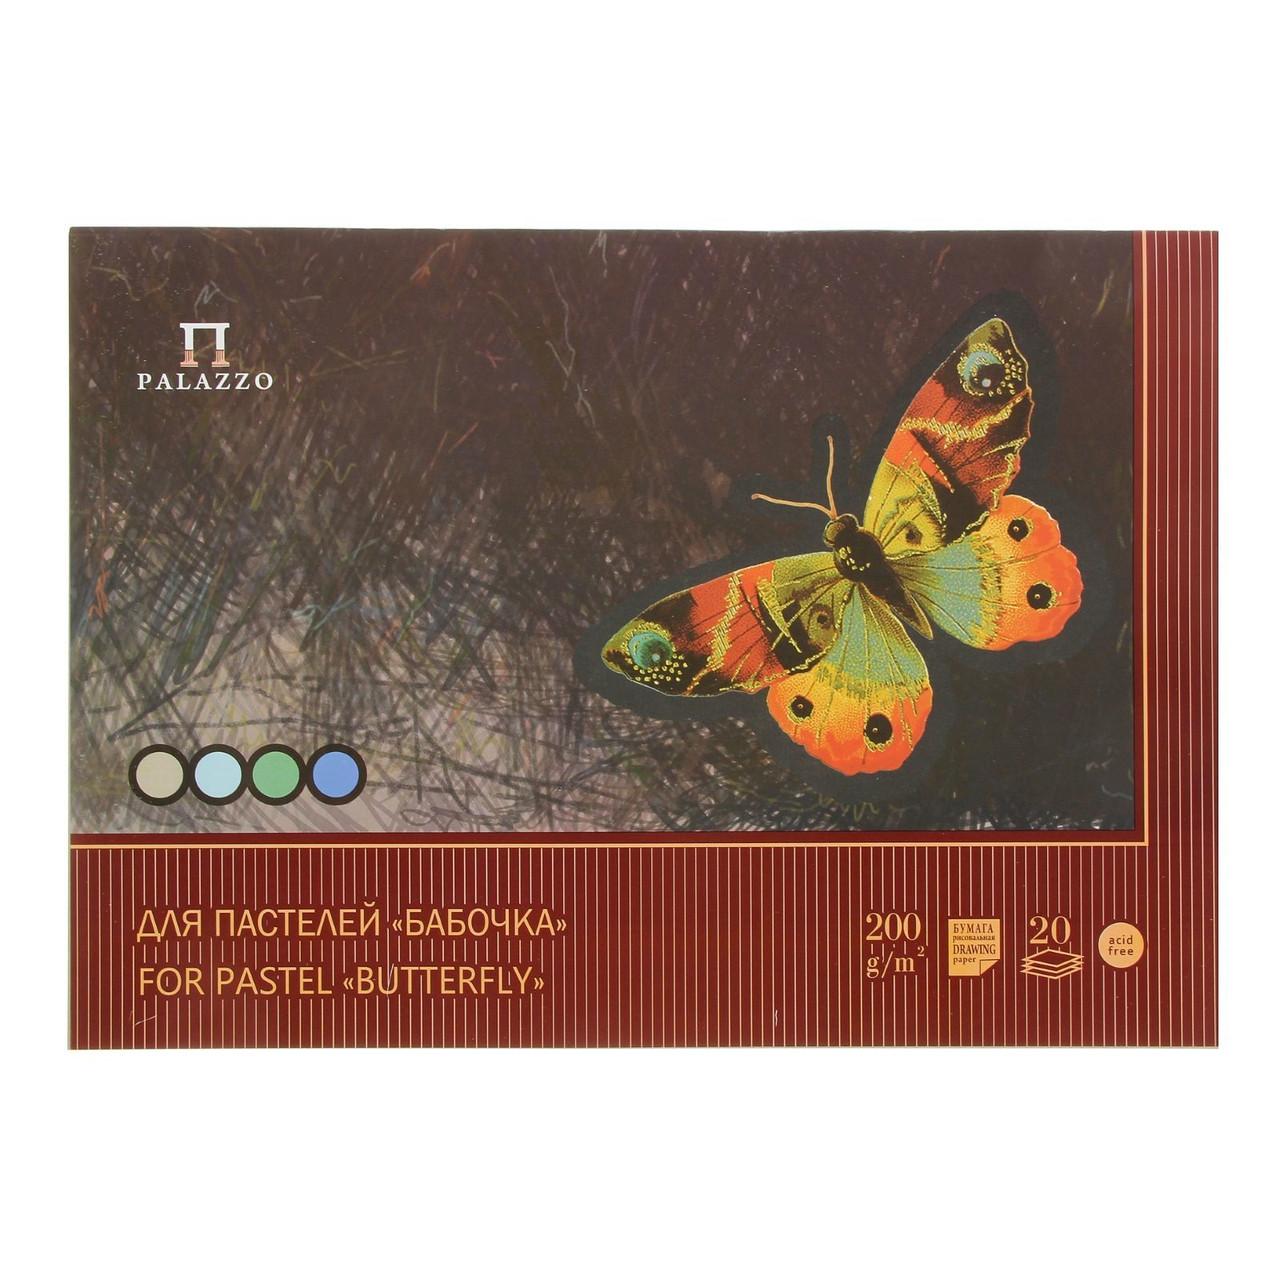 Планшет для пастели А3, 20 листов «Палаццо. Бабочка», 4 цвета, блок 200 г/м²